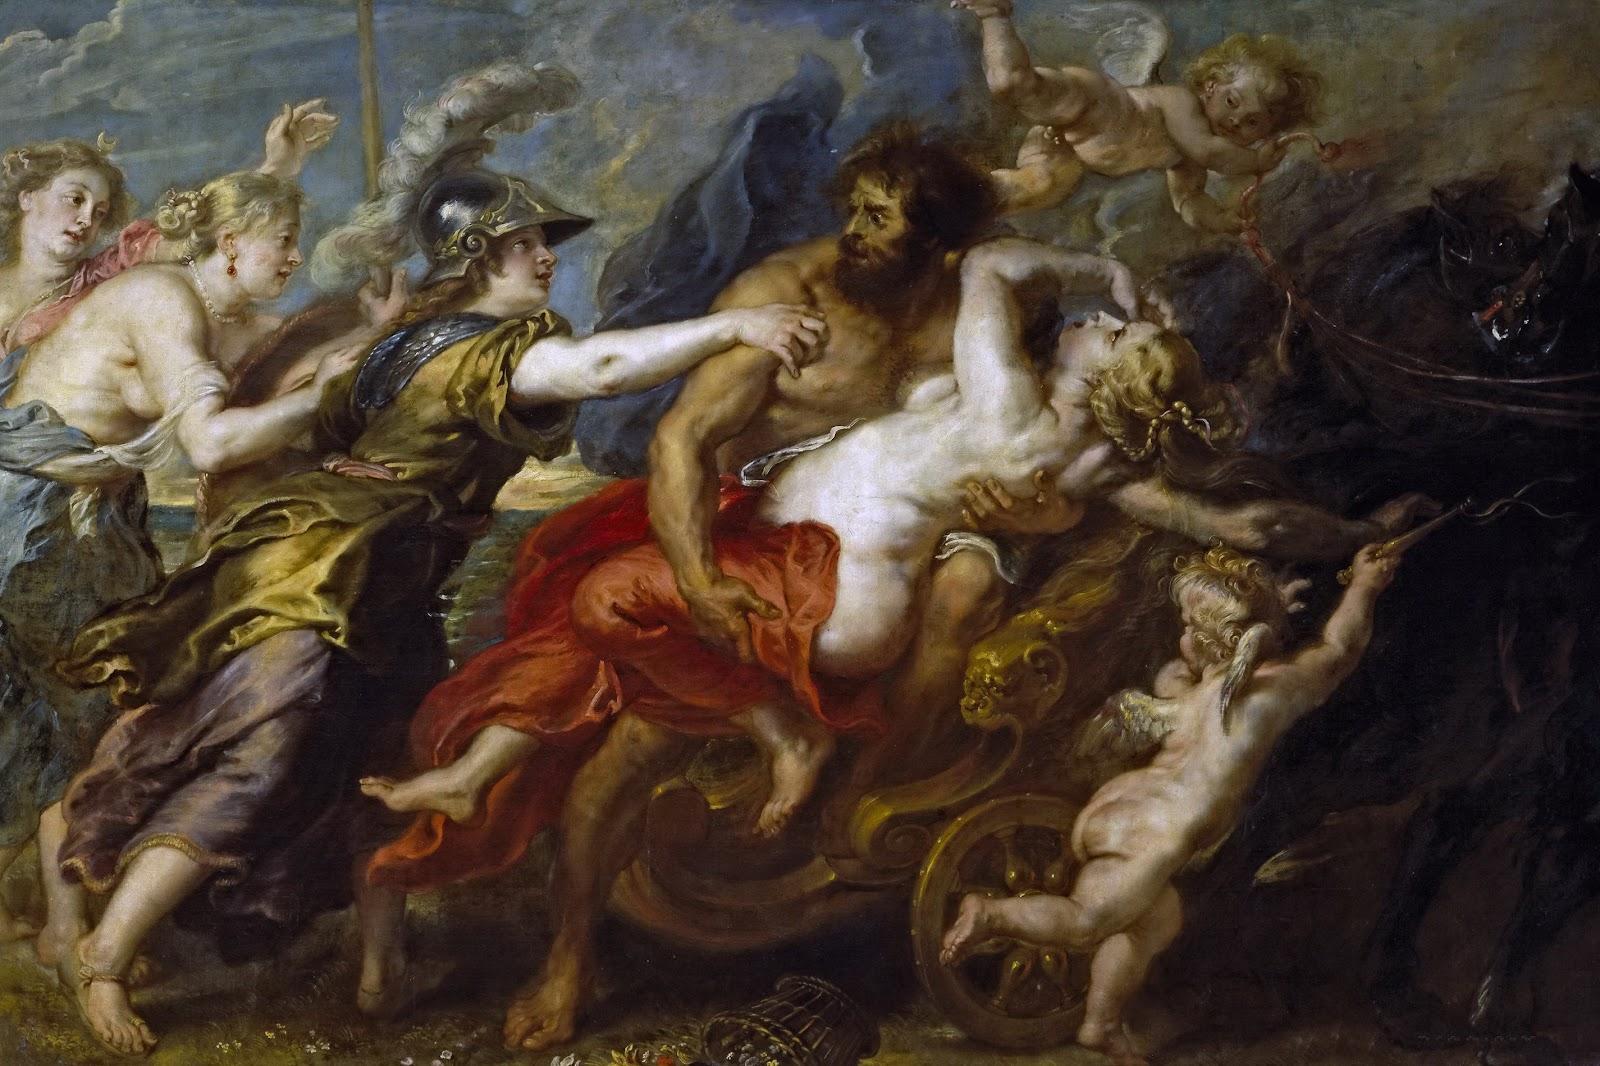 Похищение Персефоны, Питер Пауль Рубенс